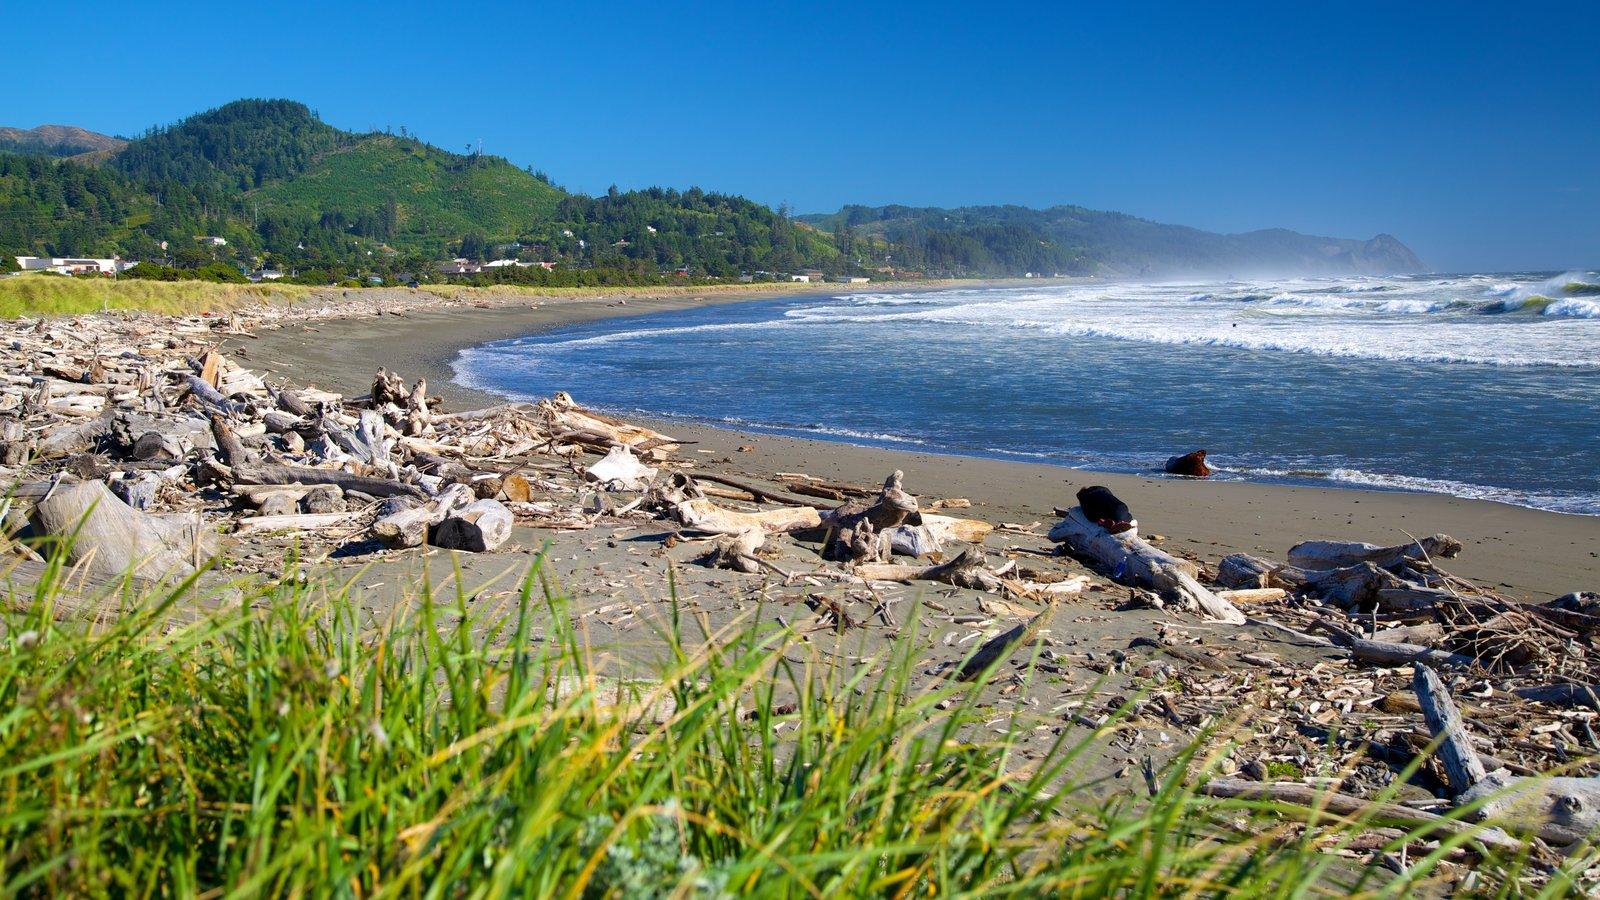 Gold Beach which includes a beach